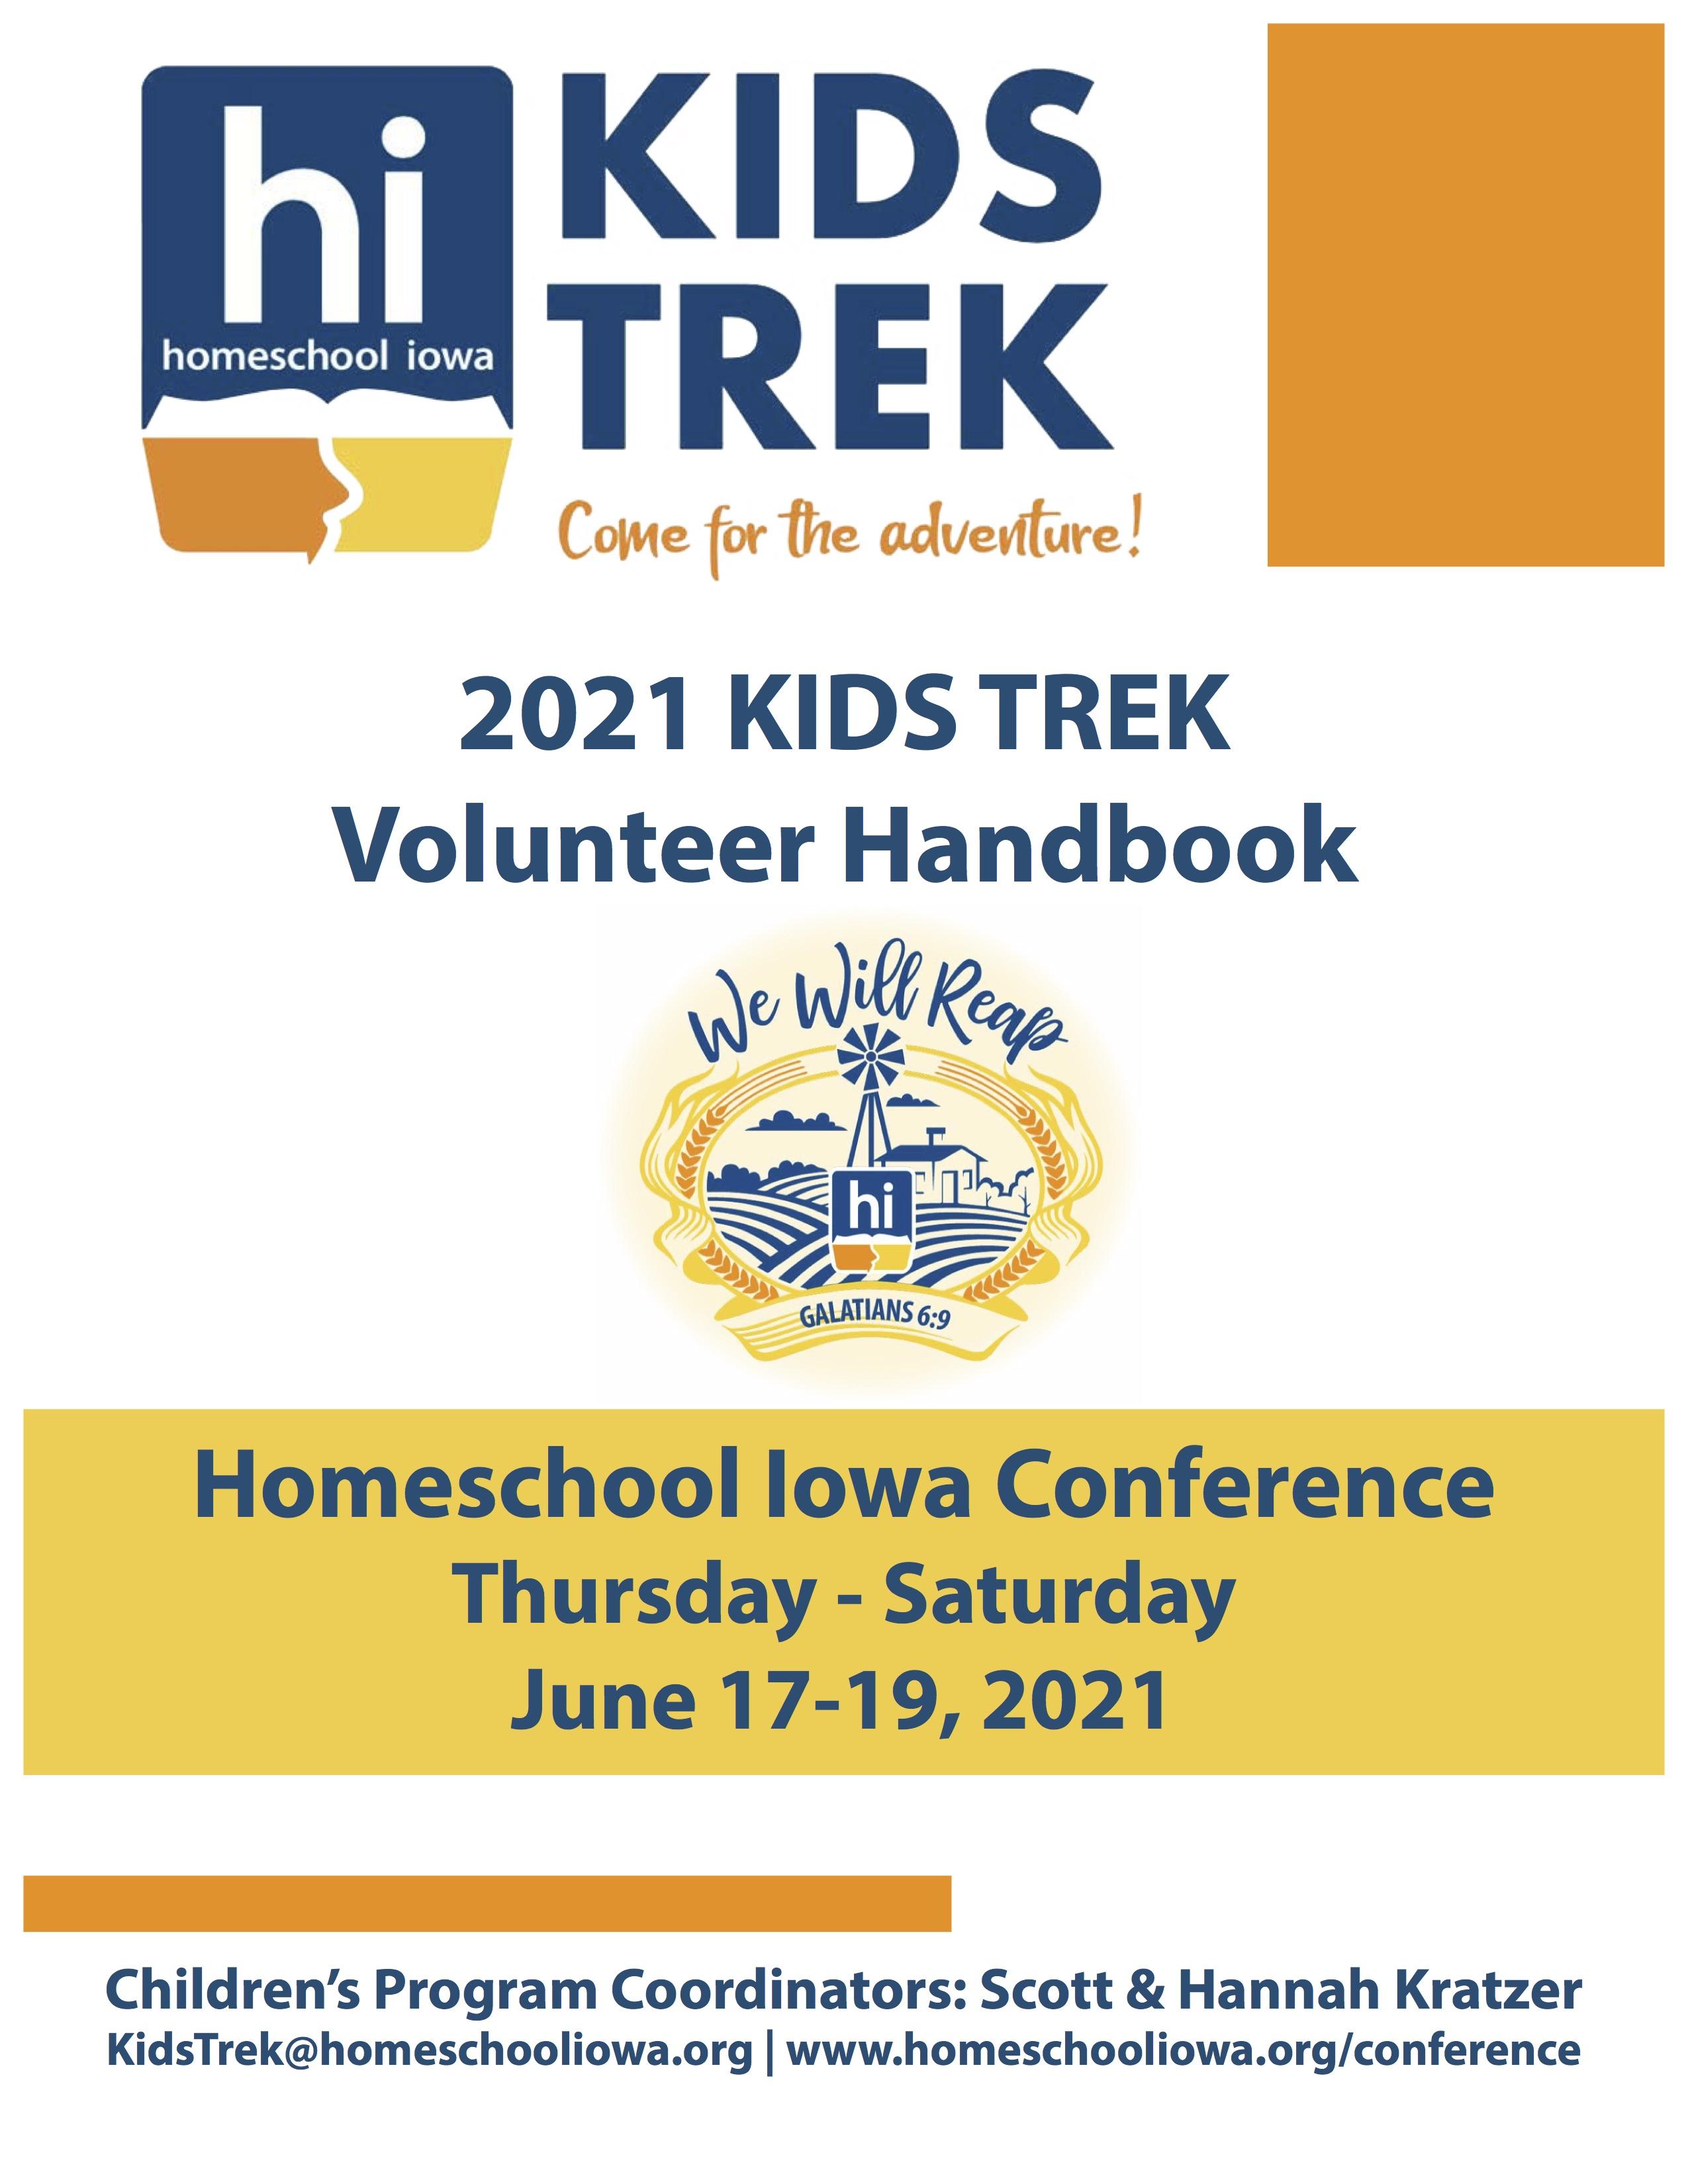 2021 KIDS TREK Volunteer Handbook